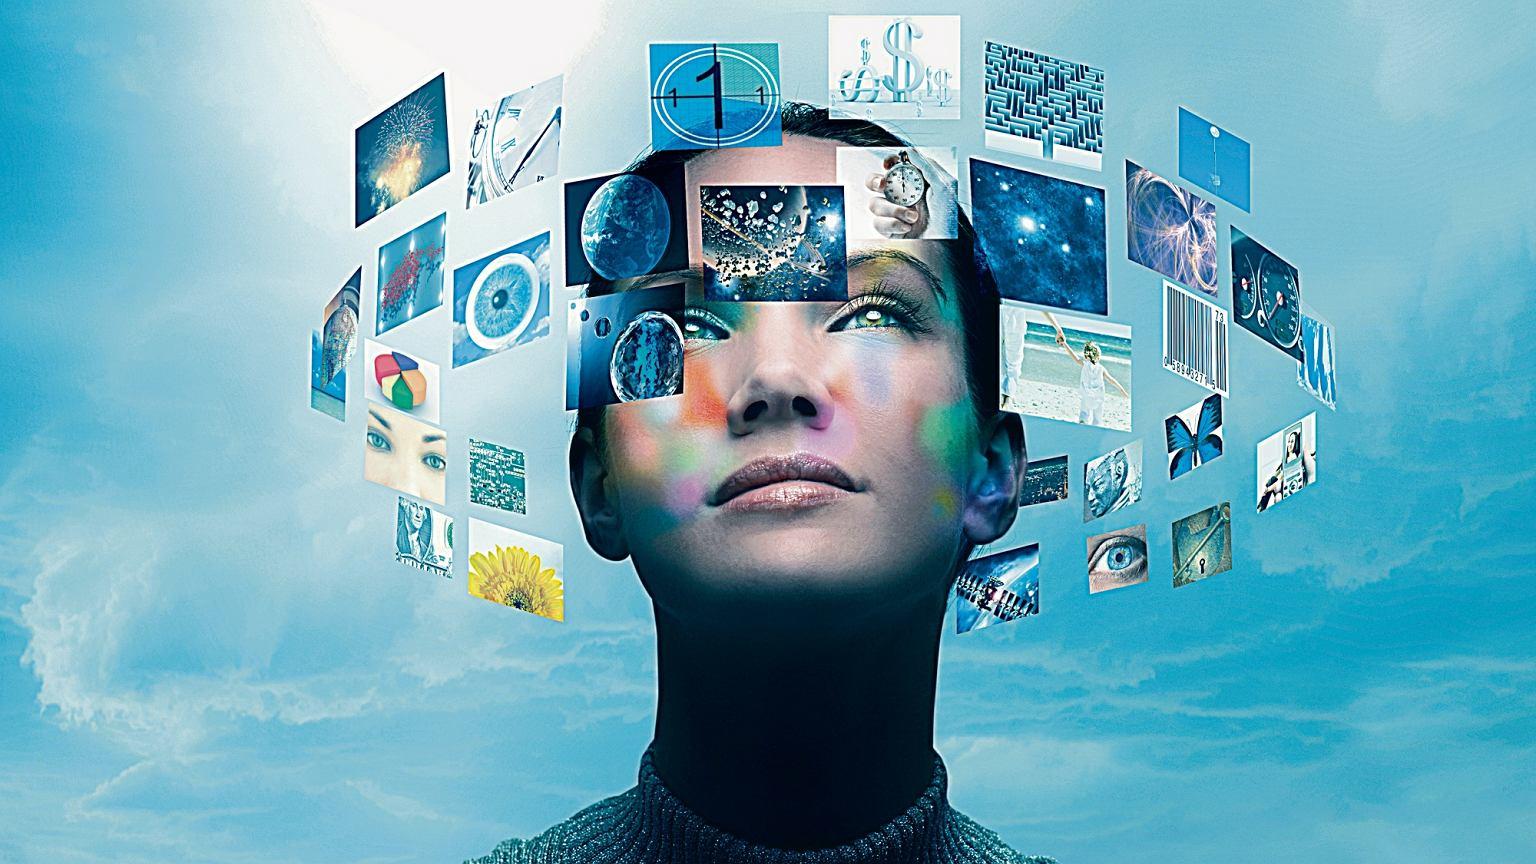 виртуальное лицо или картинка редкие моменты без